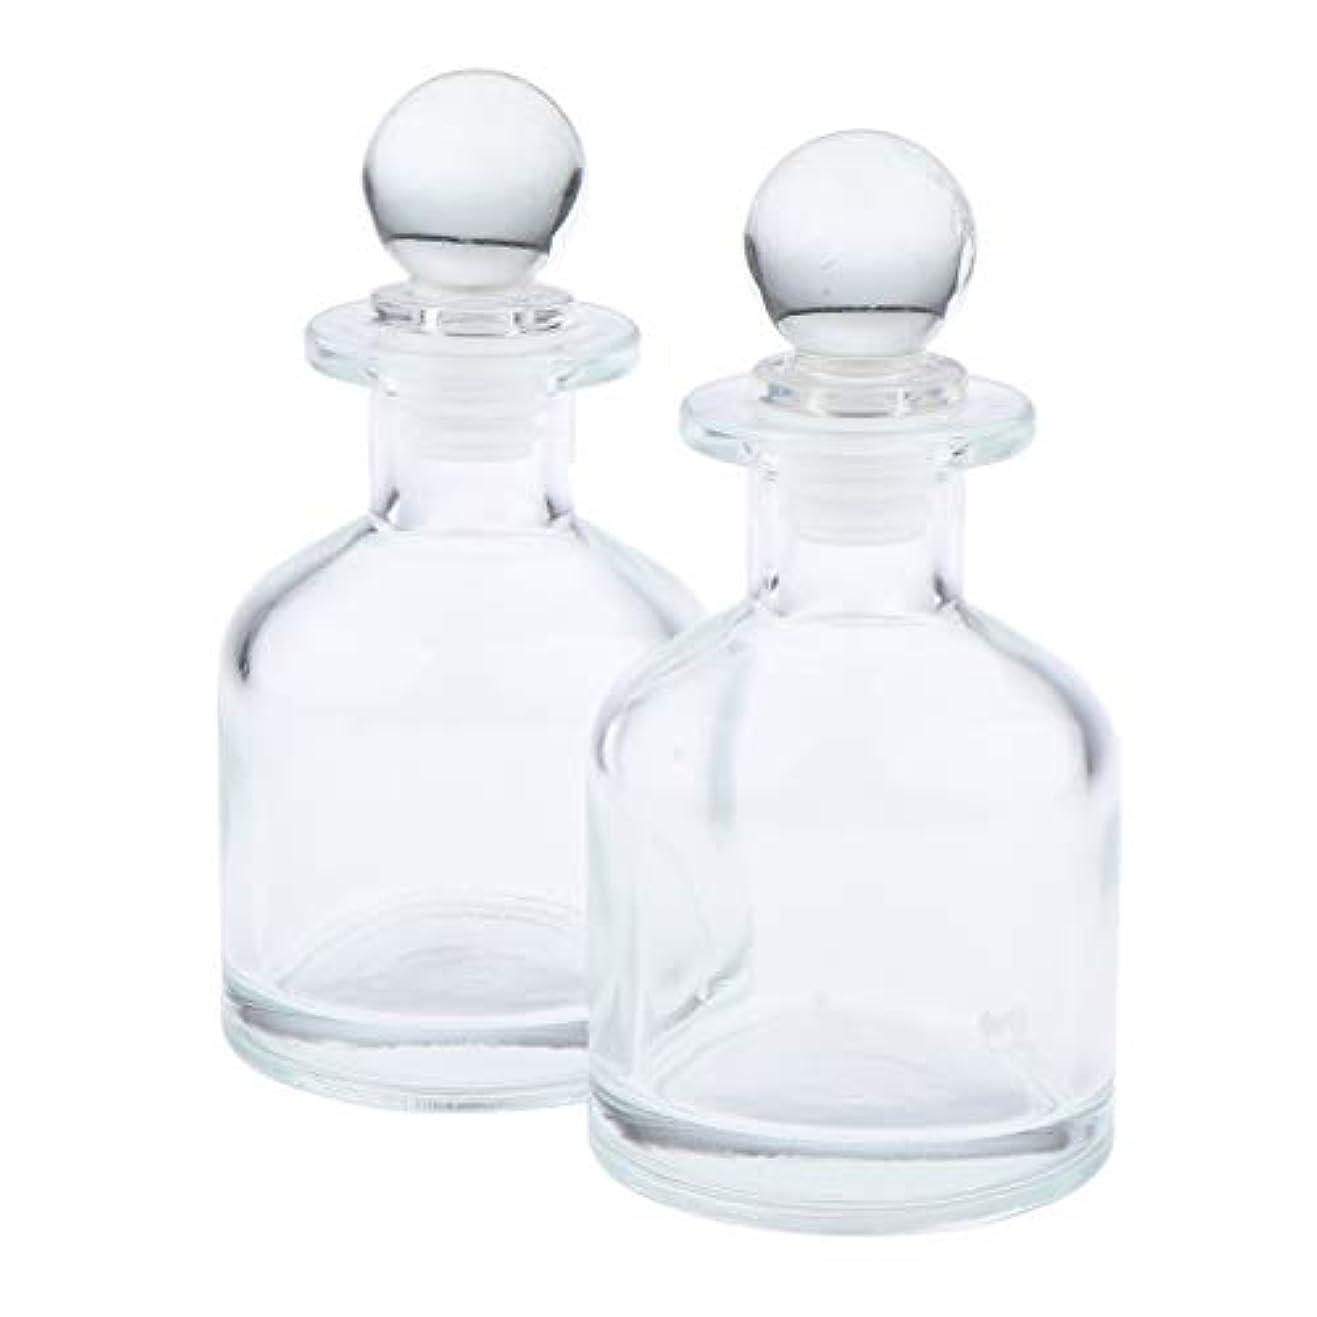 ビジネスボトル話Toygogo 香水ボトル ガラス エッセンシャルオイル ボトル 透明 丸い 香水瓶 2サイズ選べ - 130ミリリットル